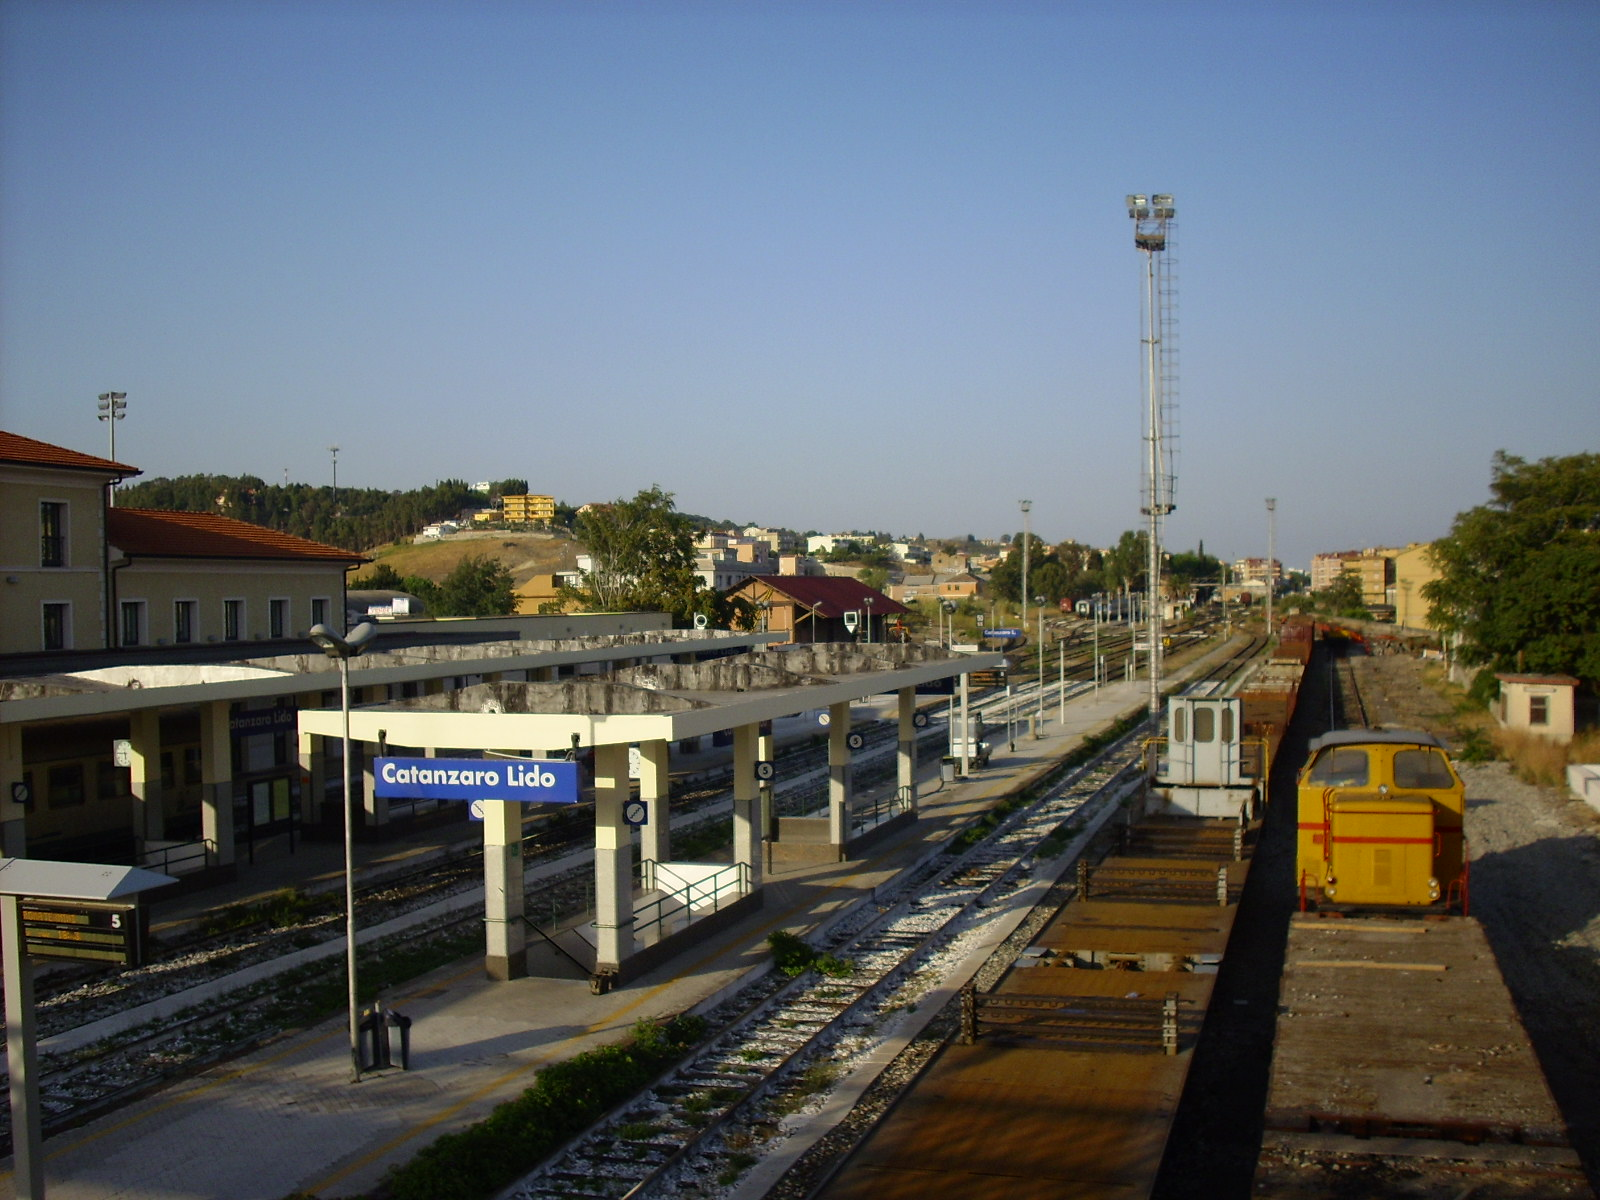 Ferrovie in calabria leggende metropolitane e for Centro convenienza arredi catanzaro catanzaro cz